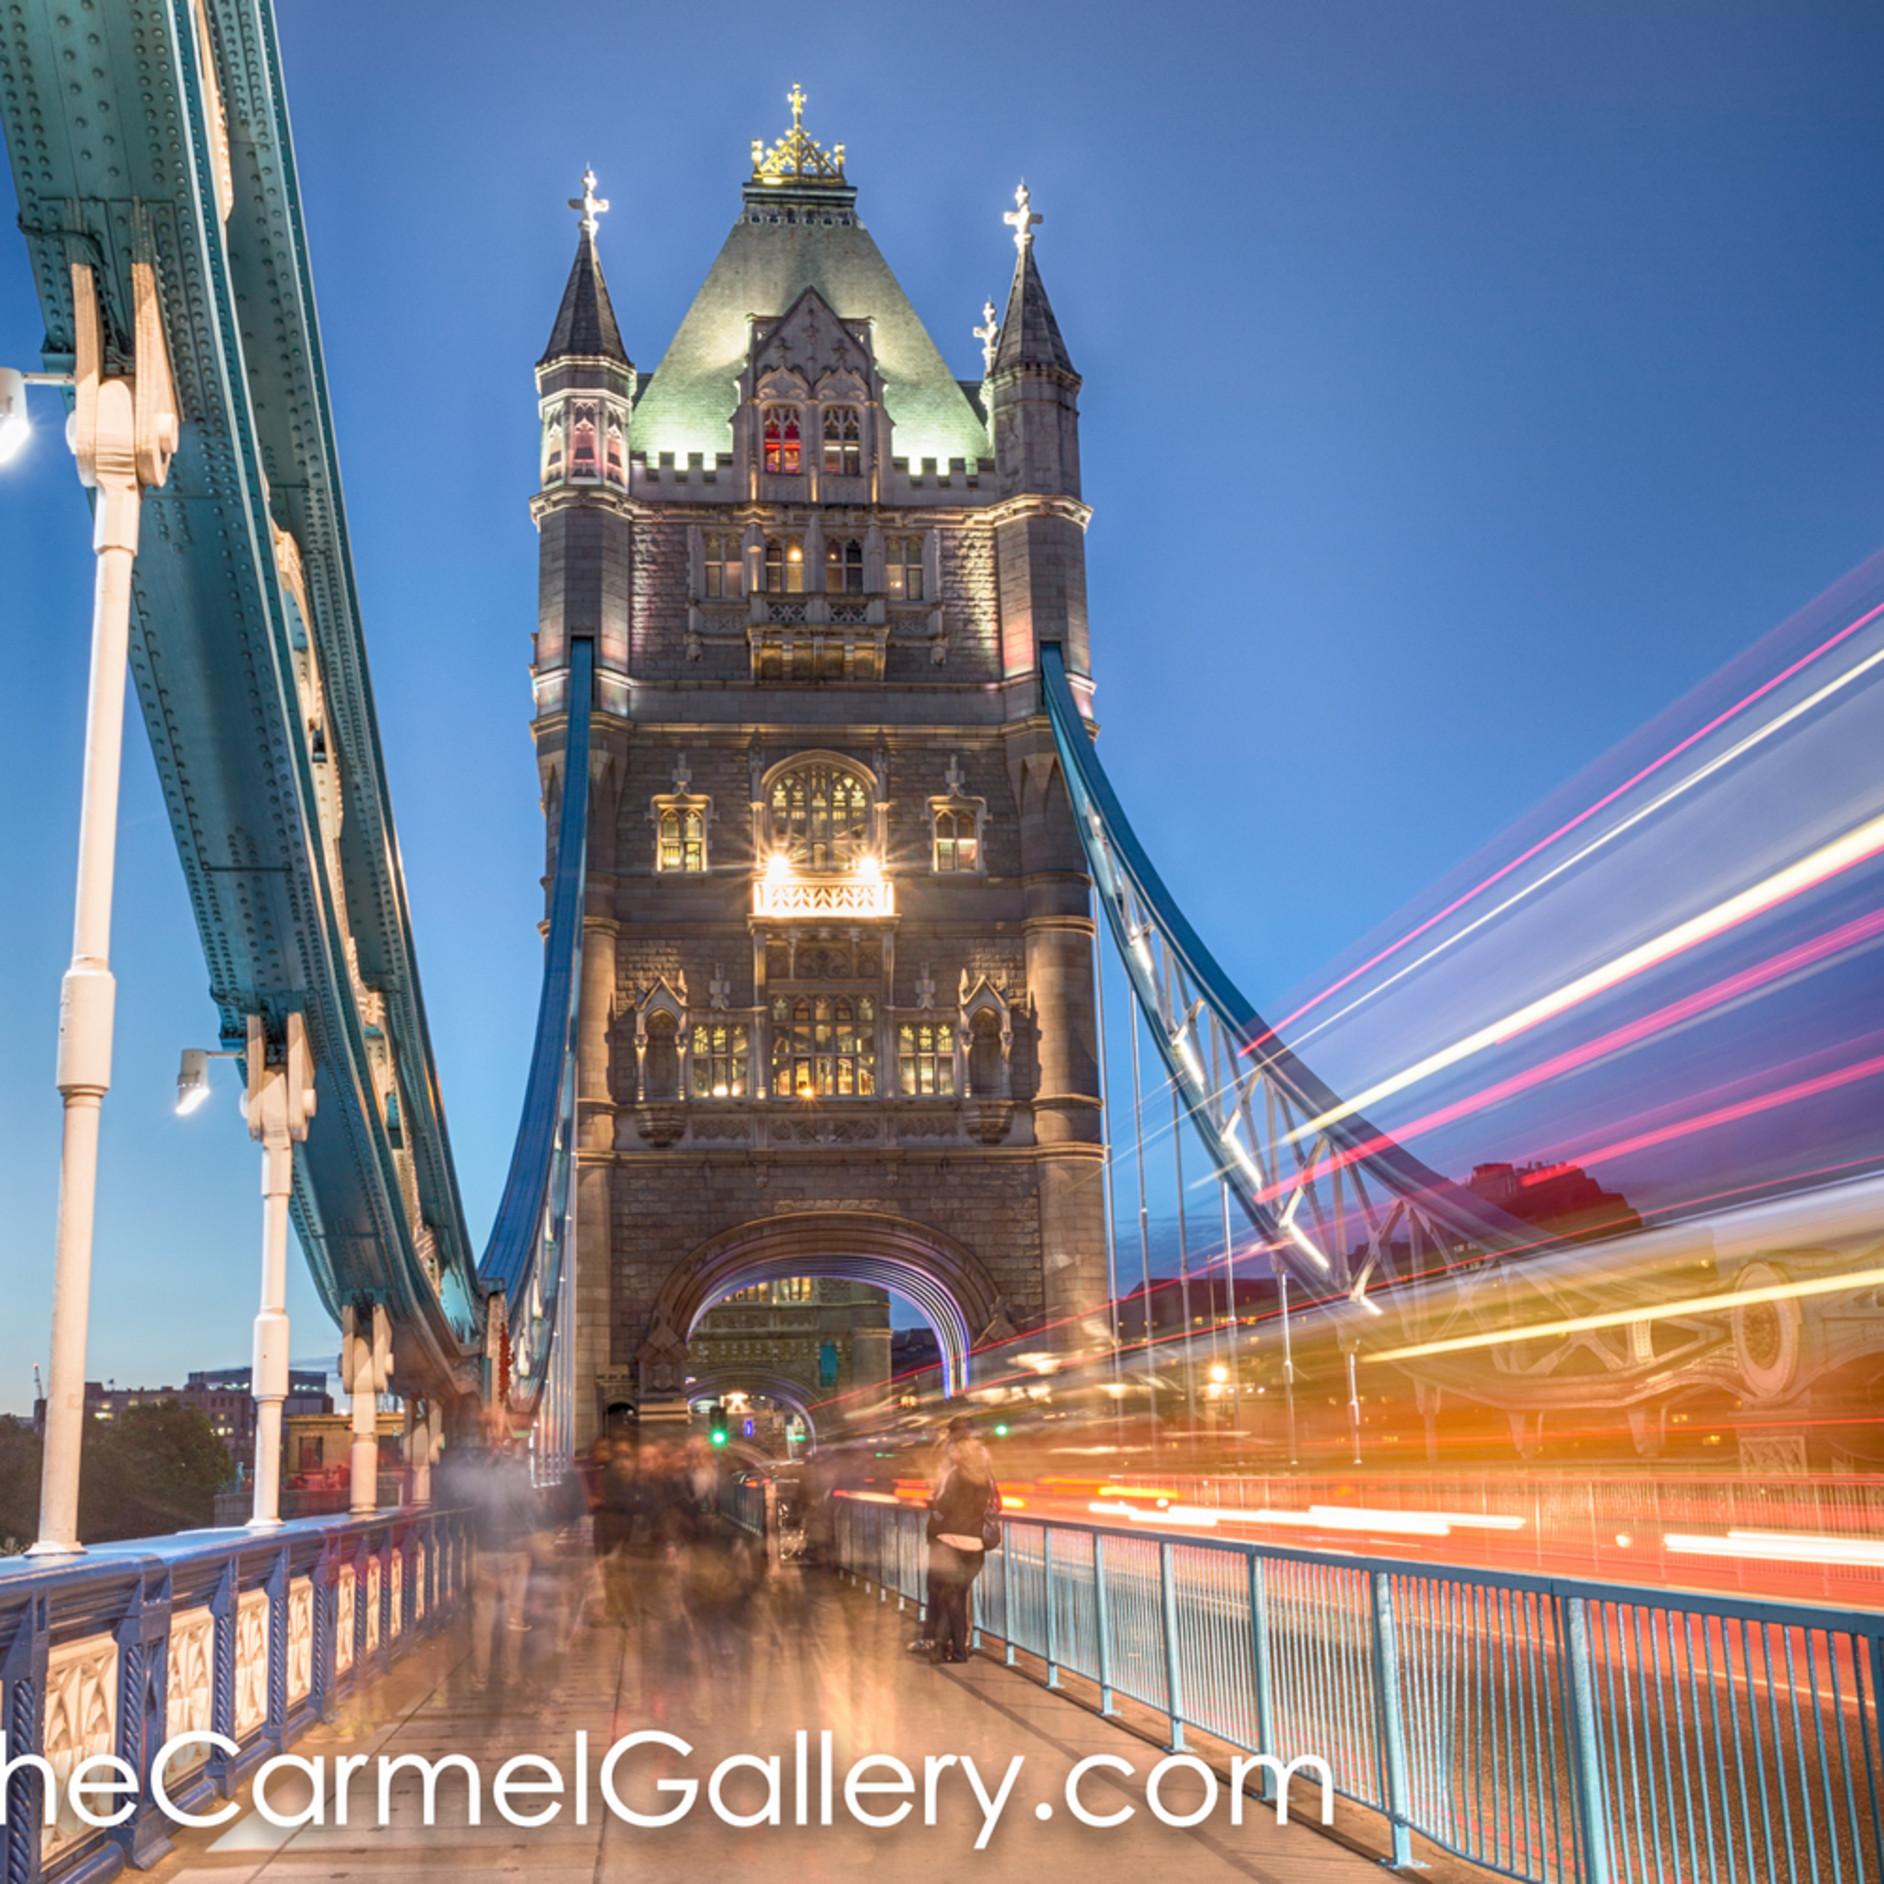 Tower bridge wrxvj8